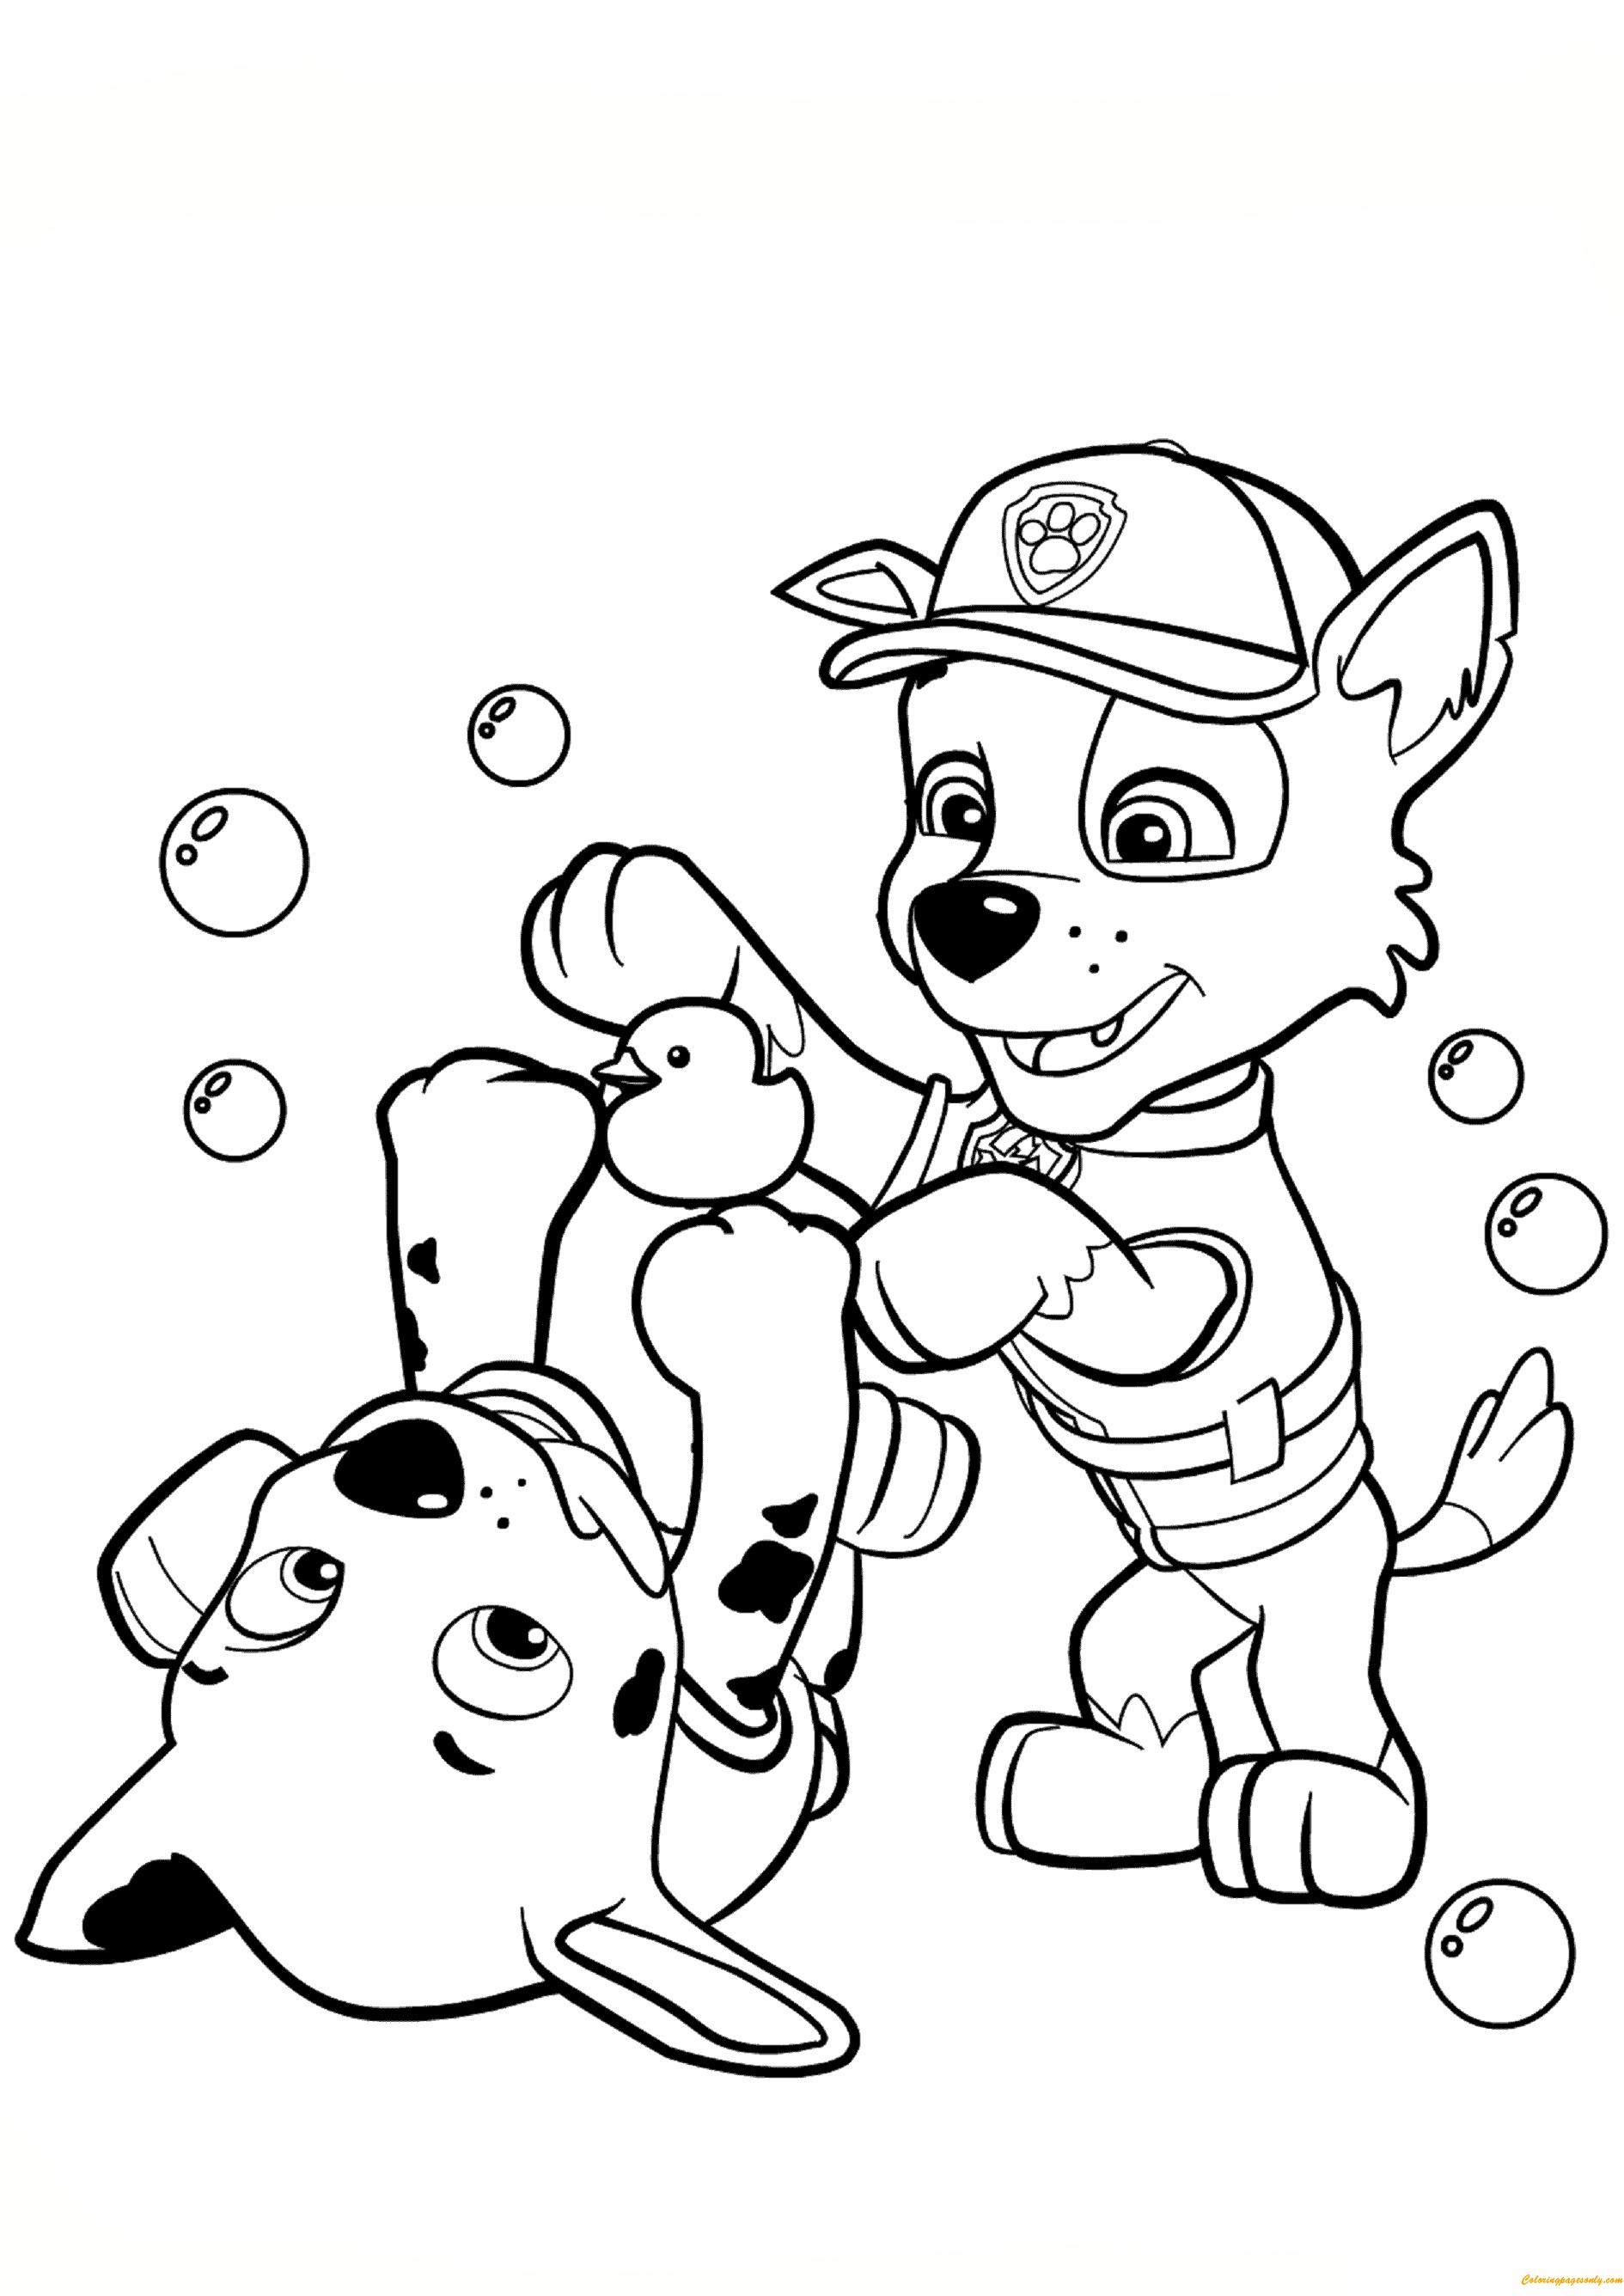 rocky from paw patrol how to draw rocky paw patrol step by step drawing patrol from paw rocky